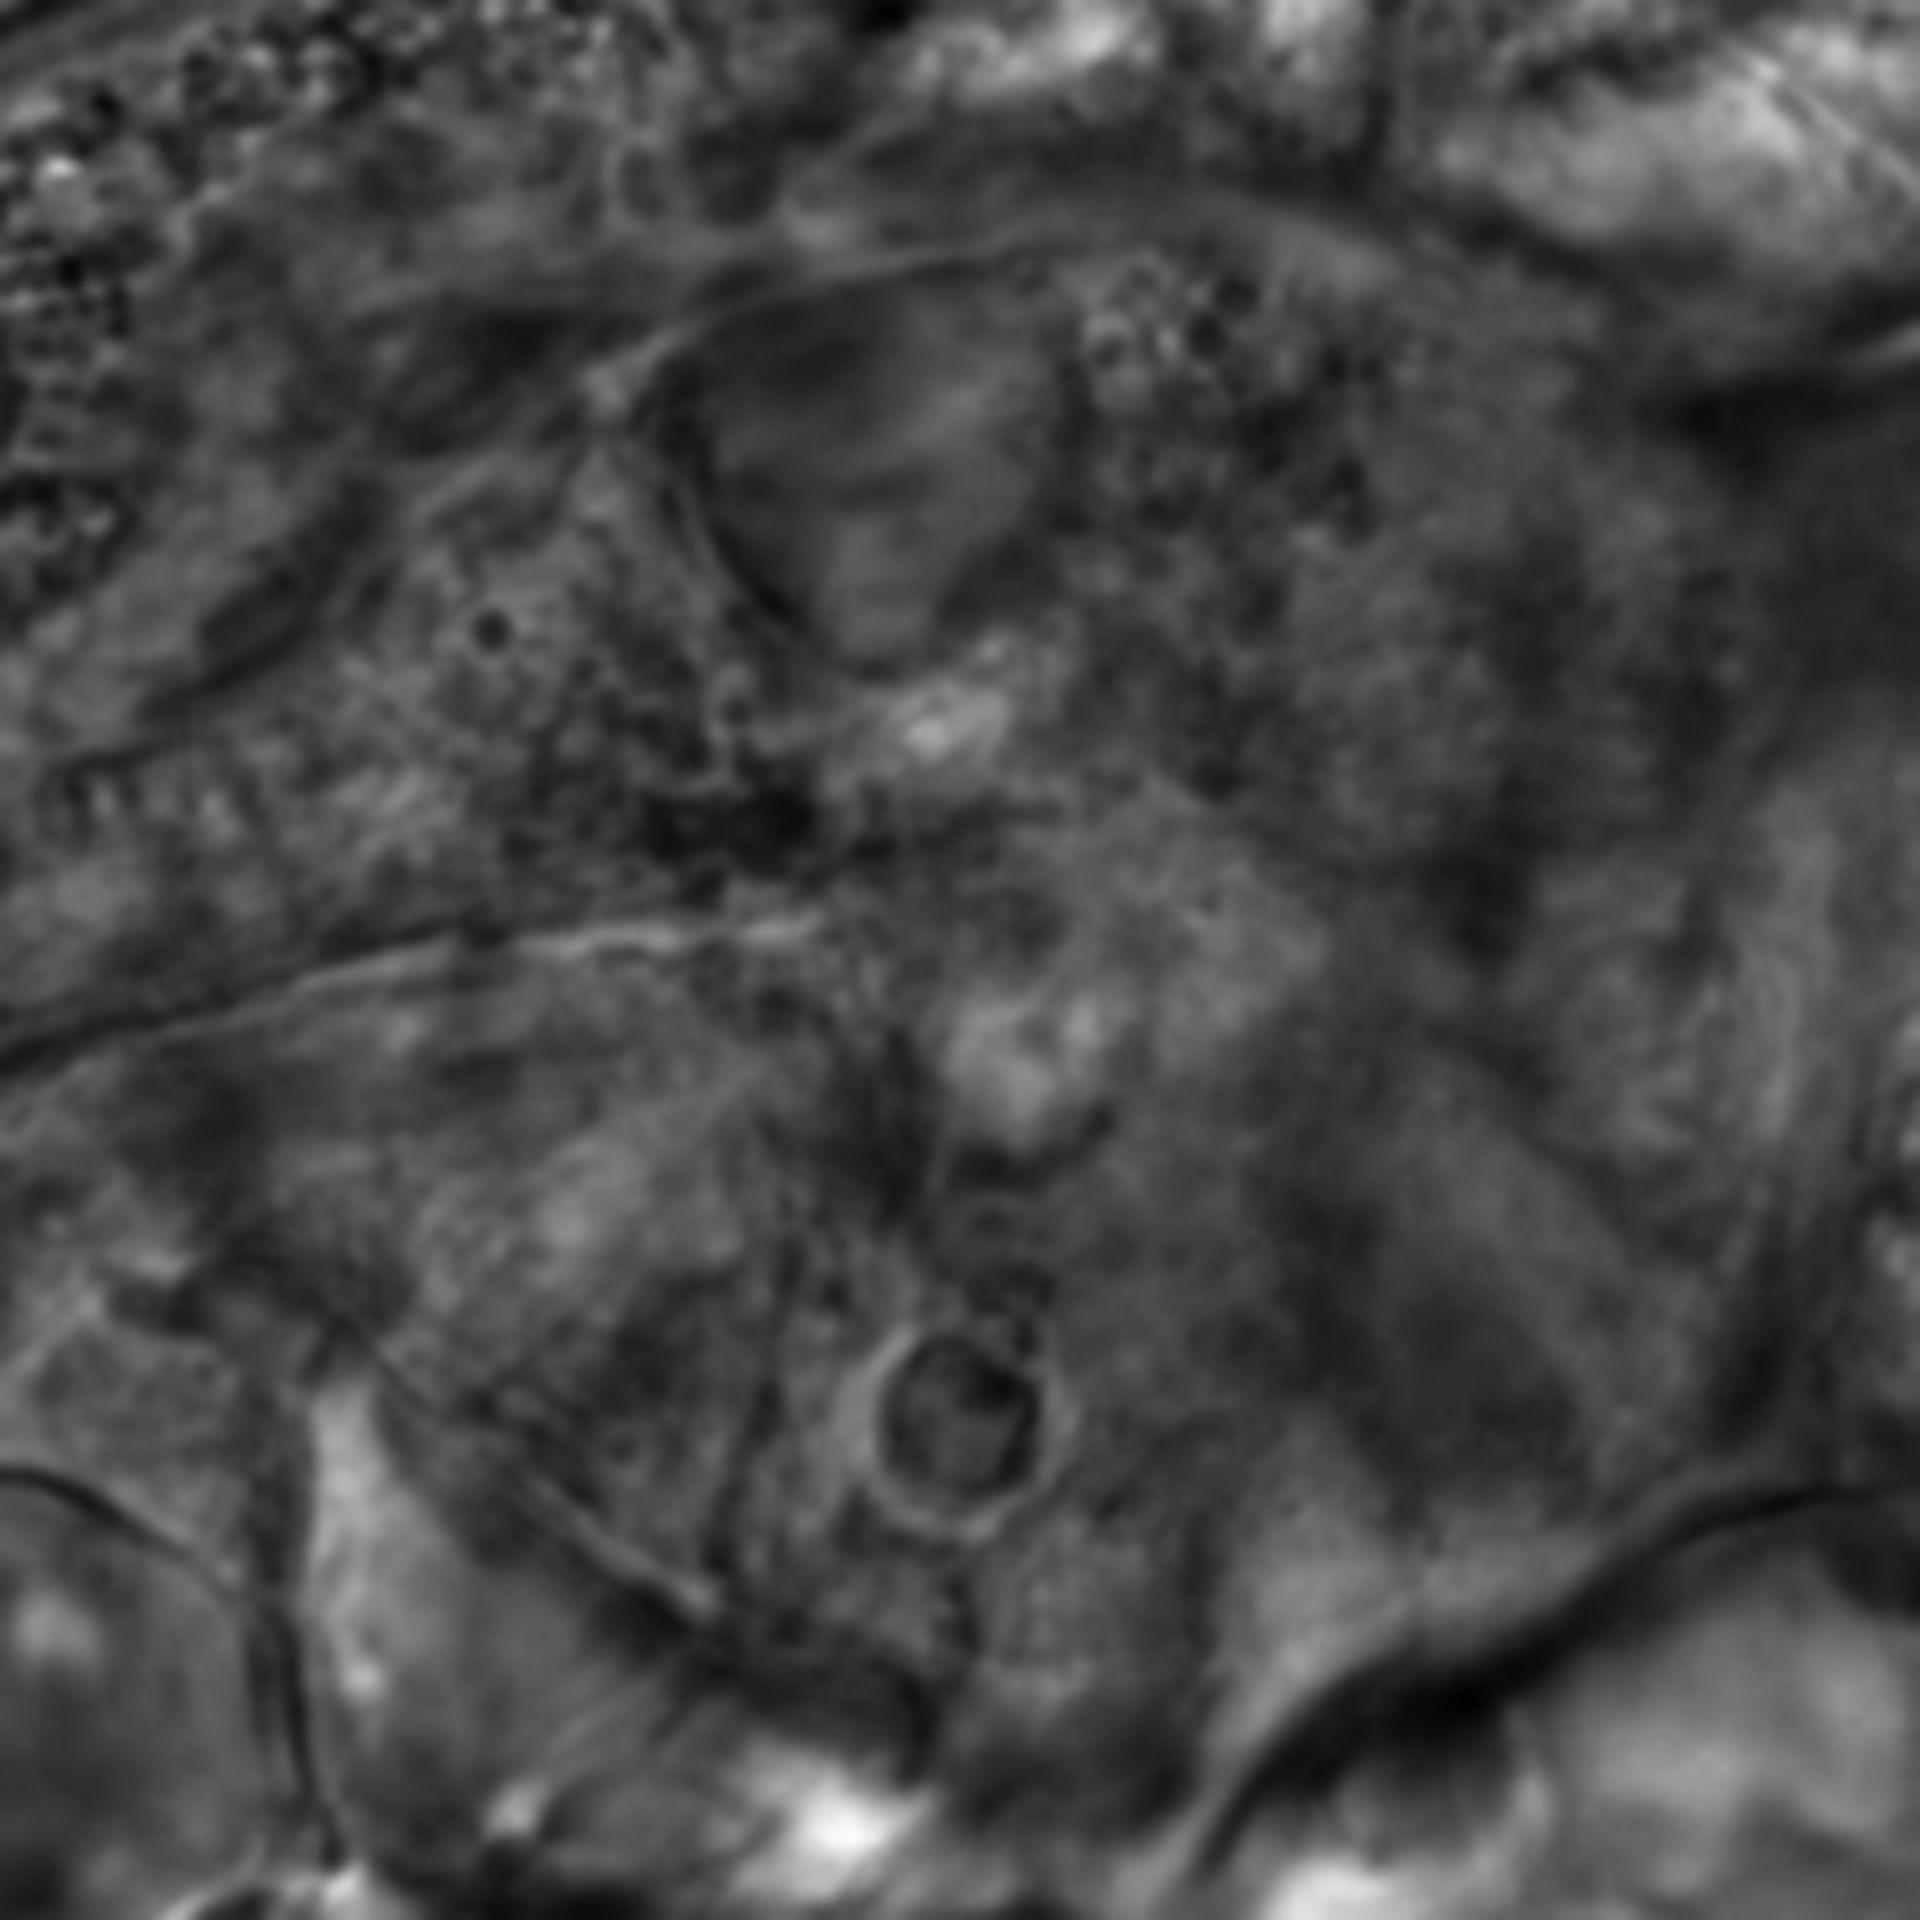 Caenorhabditis elegans - CIL:2647